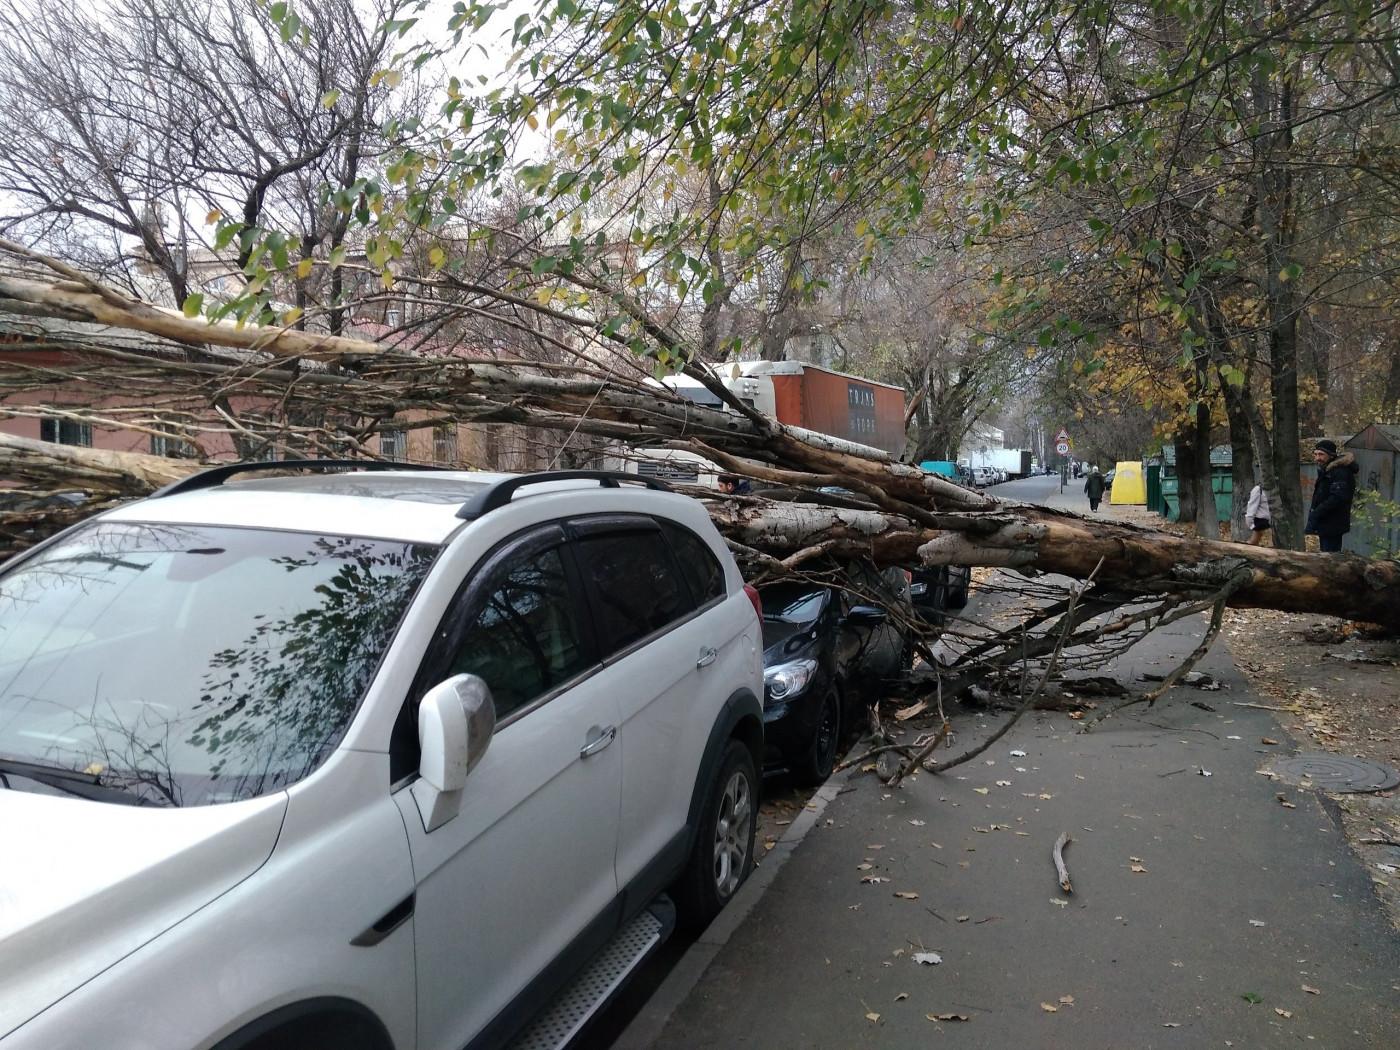 На машину упало дерево: как возместить ущерб и чего делать точно не нужно